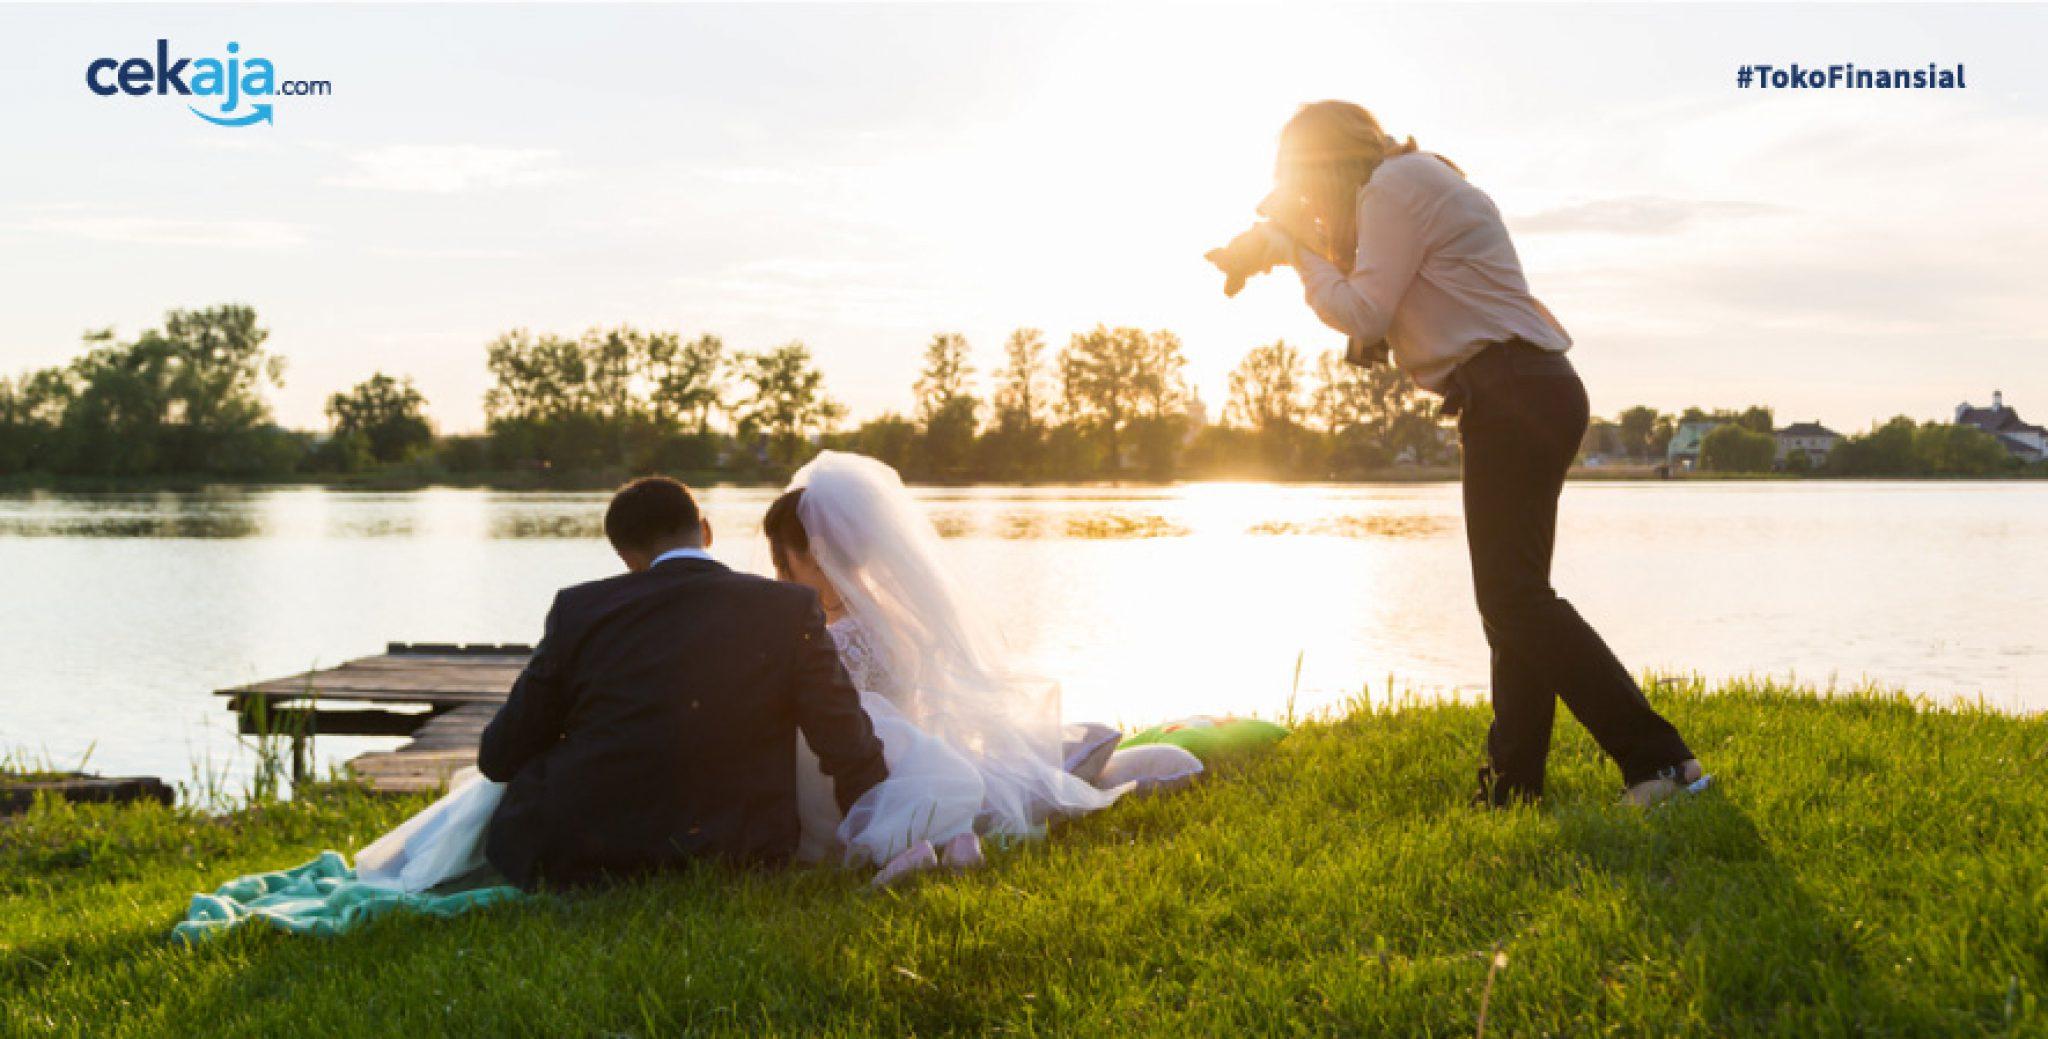 bisnis pernikahan _ pinjaman usaha - CekAja.com